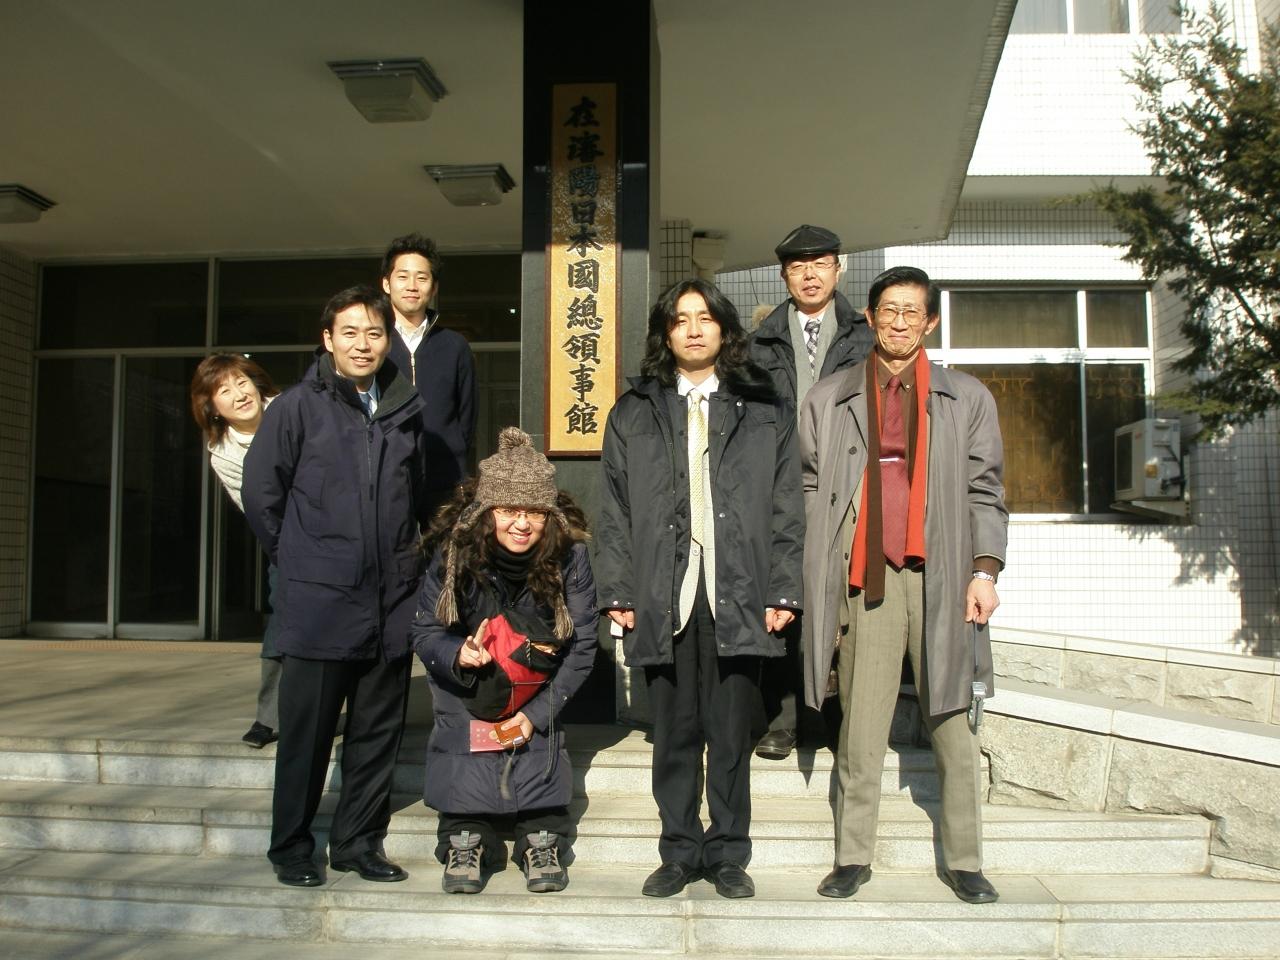 総領事 館 上海 日本 国 在